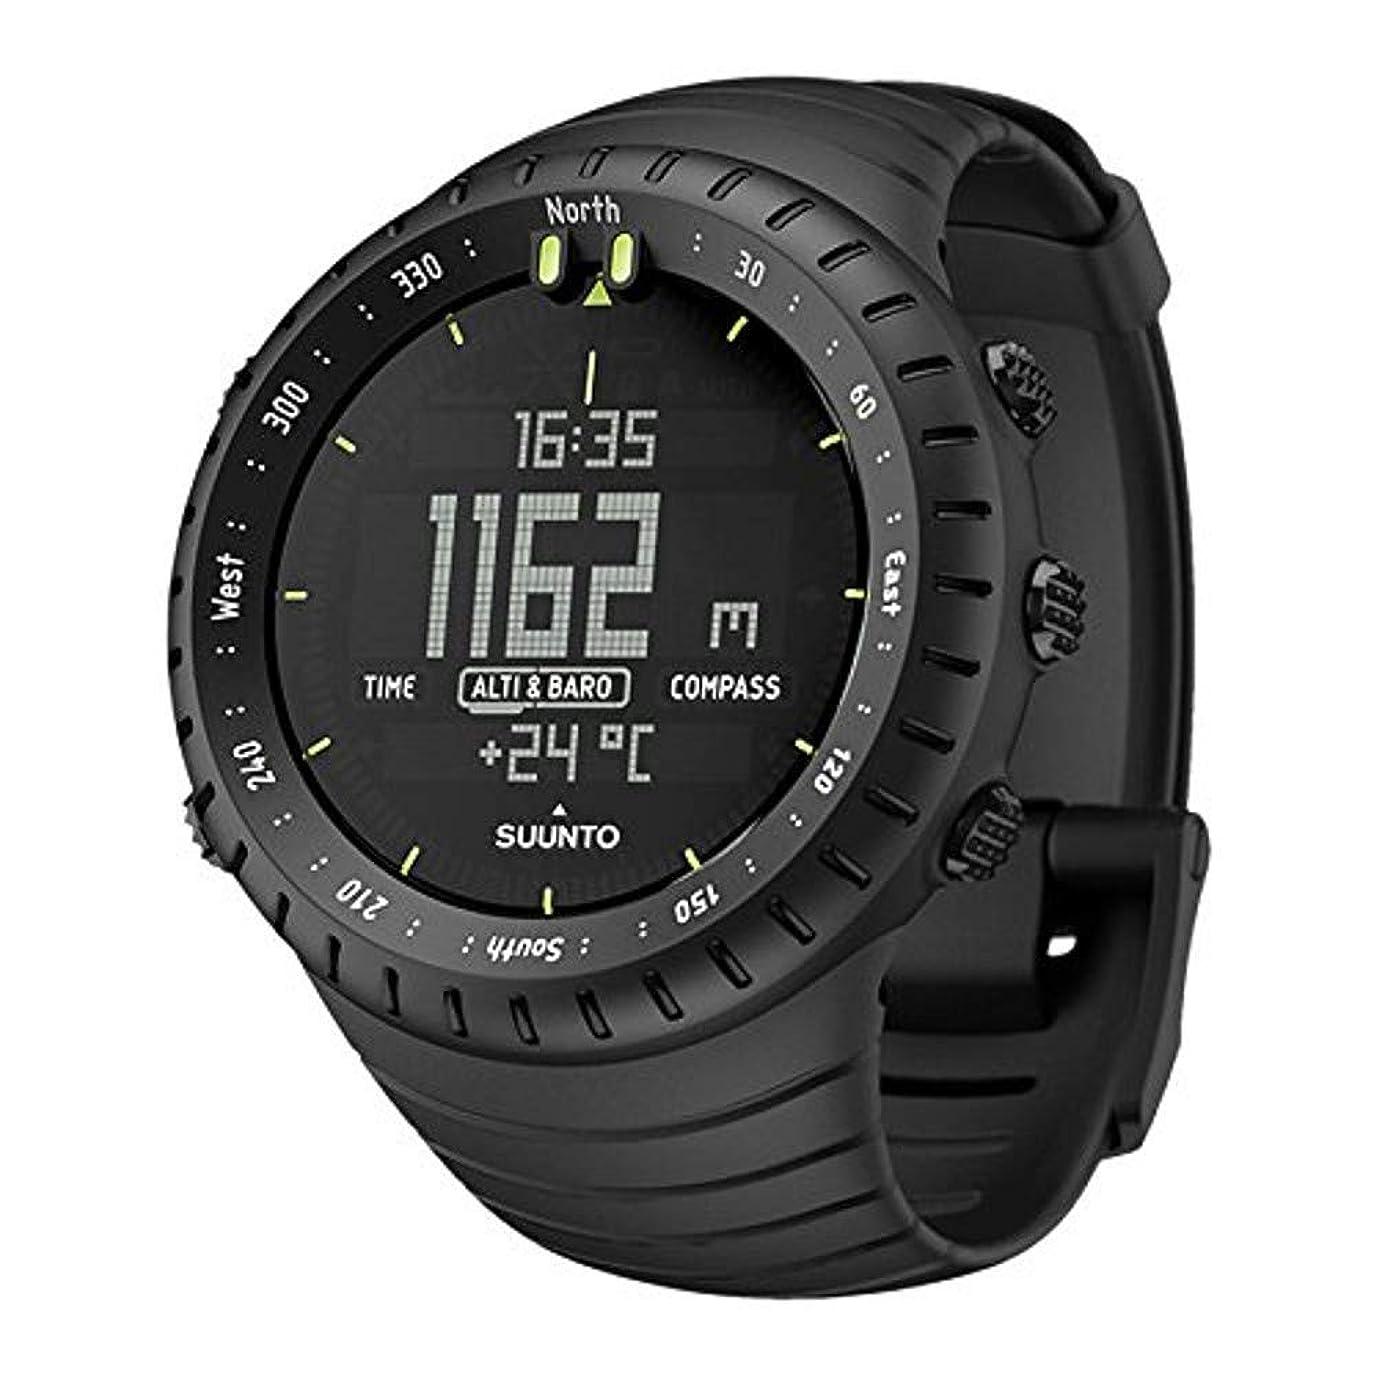 内訳ゴミ首尾一貫したスント(SUUNTO) 腕時計 コア オールブラック 3気圧防水 方位/高度/気圧/水深 [日本正規品 メーカー保証2年] SS014279010